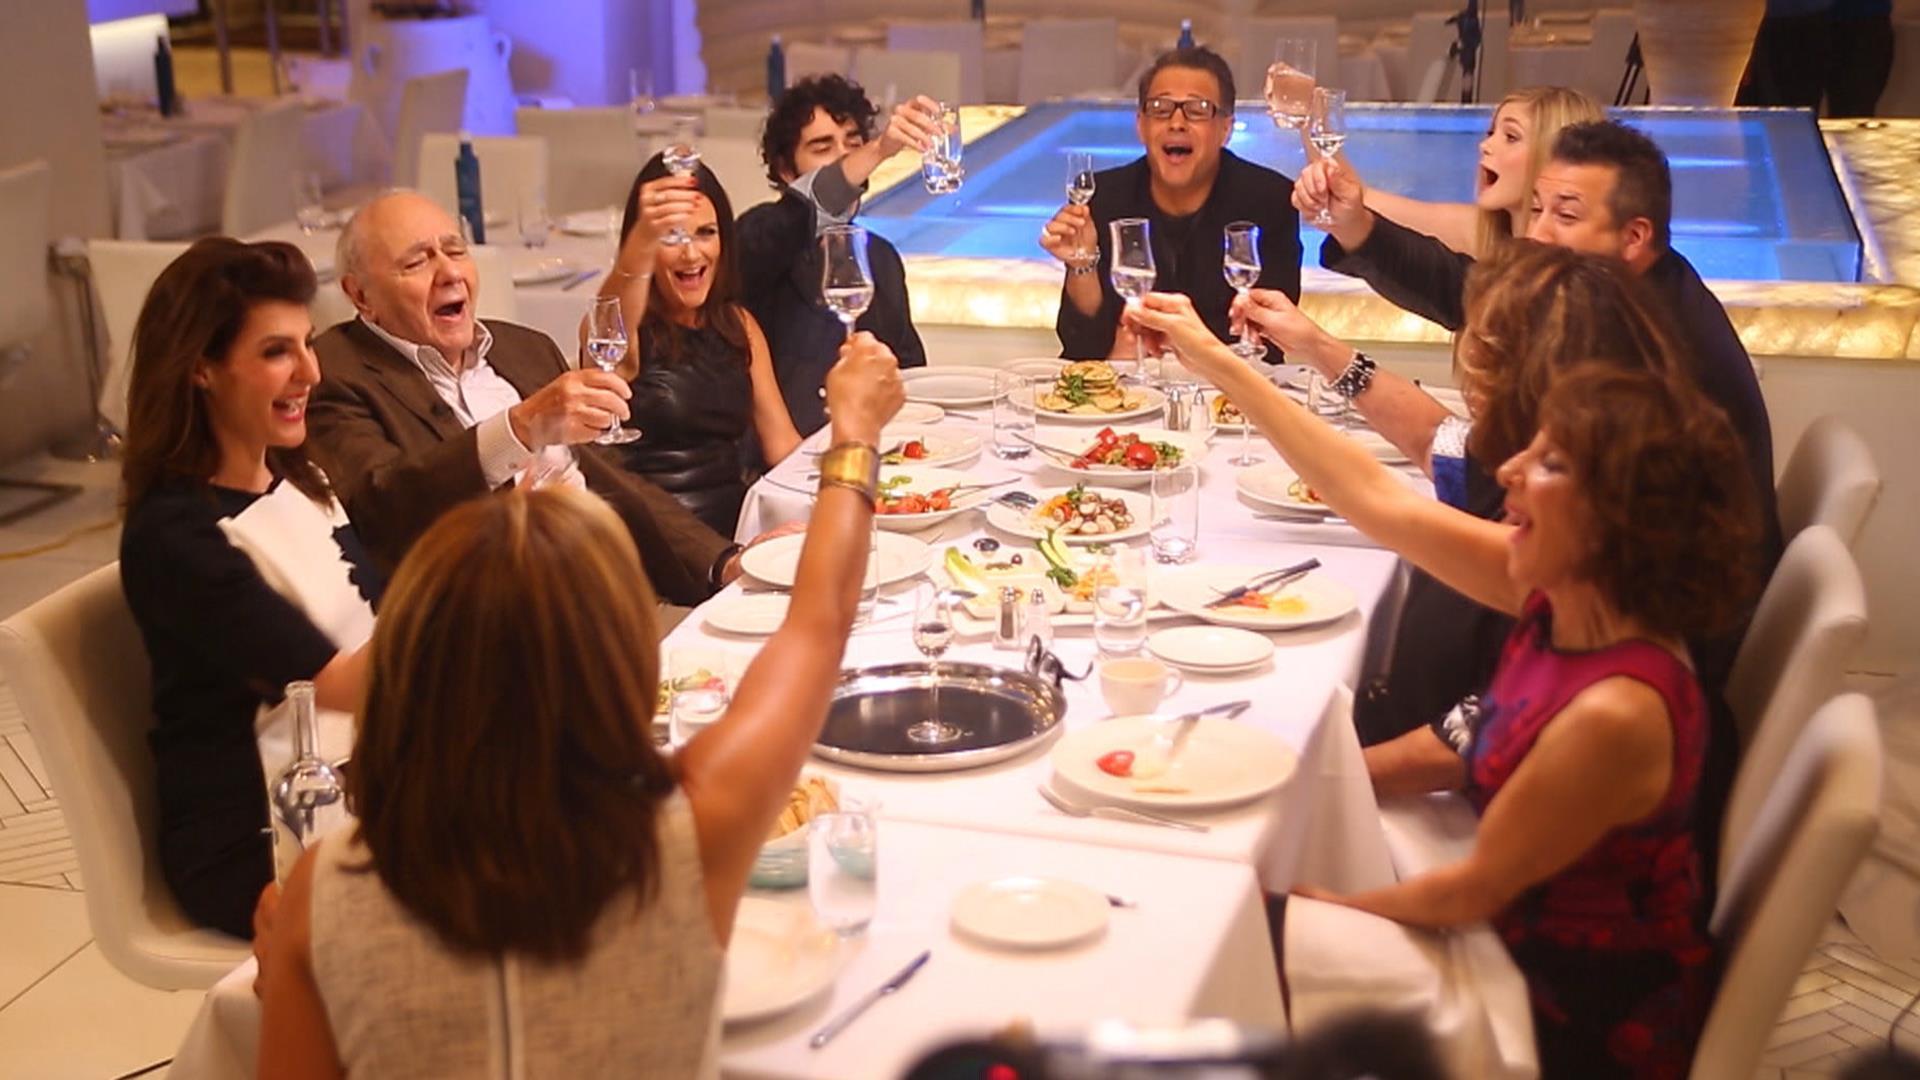 My Big Fat Greek Wedding Cast.The Cast Of My Big Fat Greek Wedding 2 Joins Hoda For Dinner See The Fun